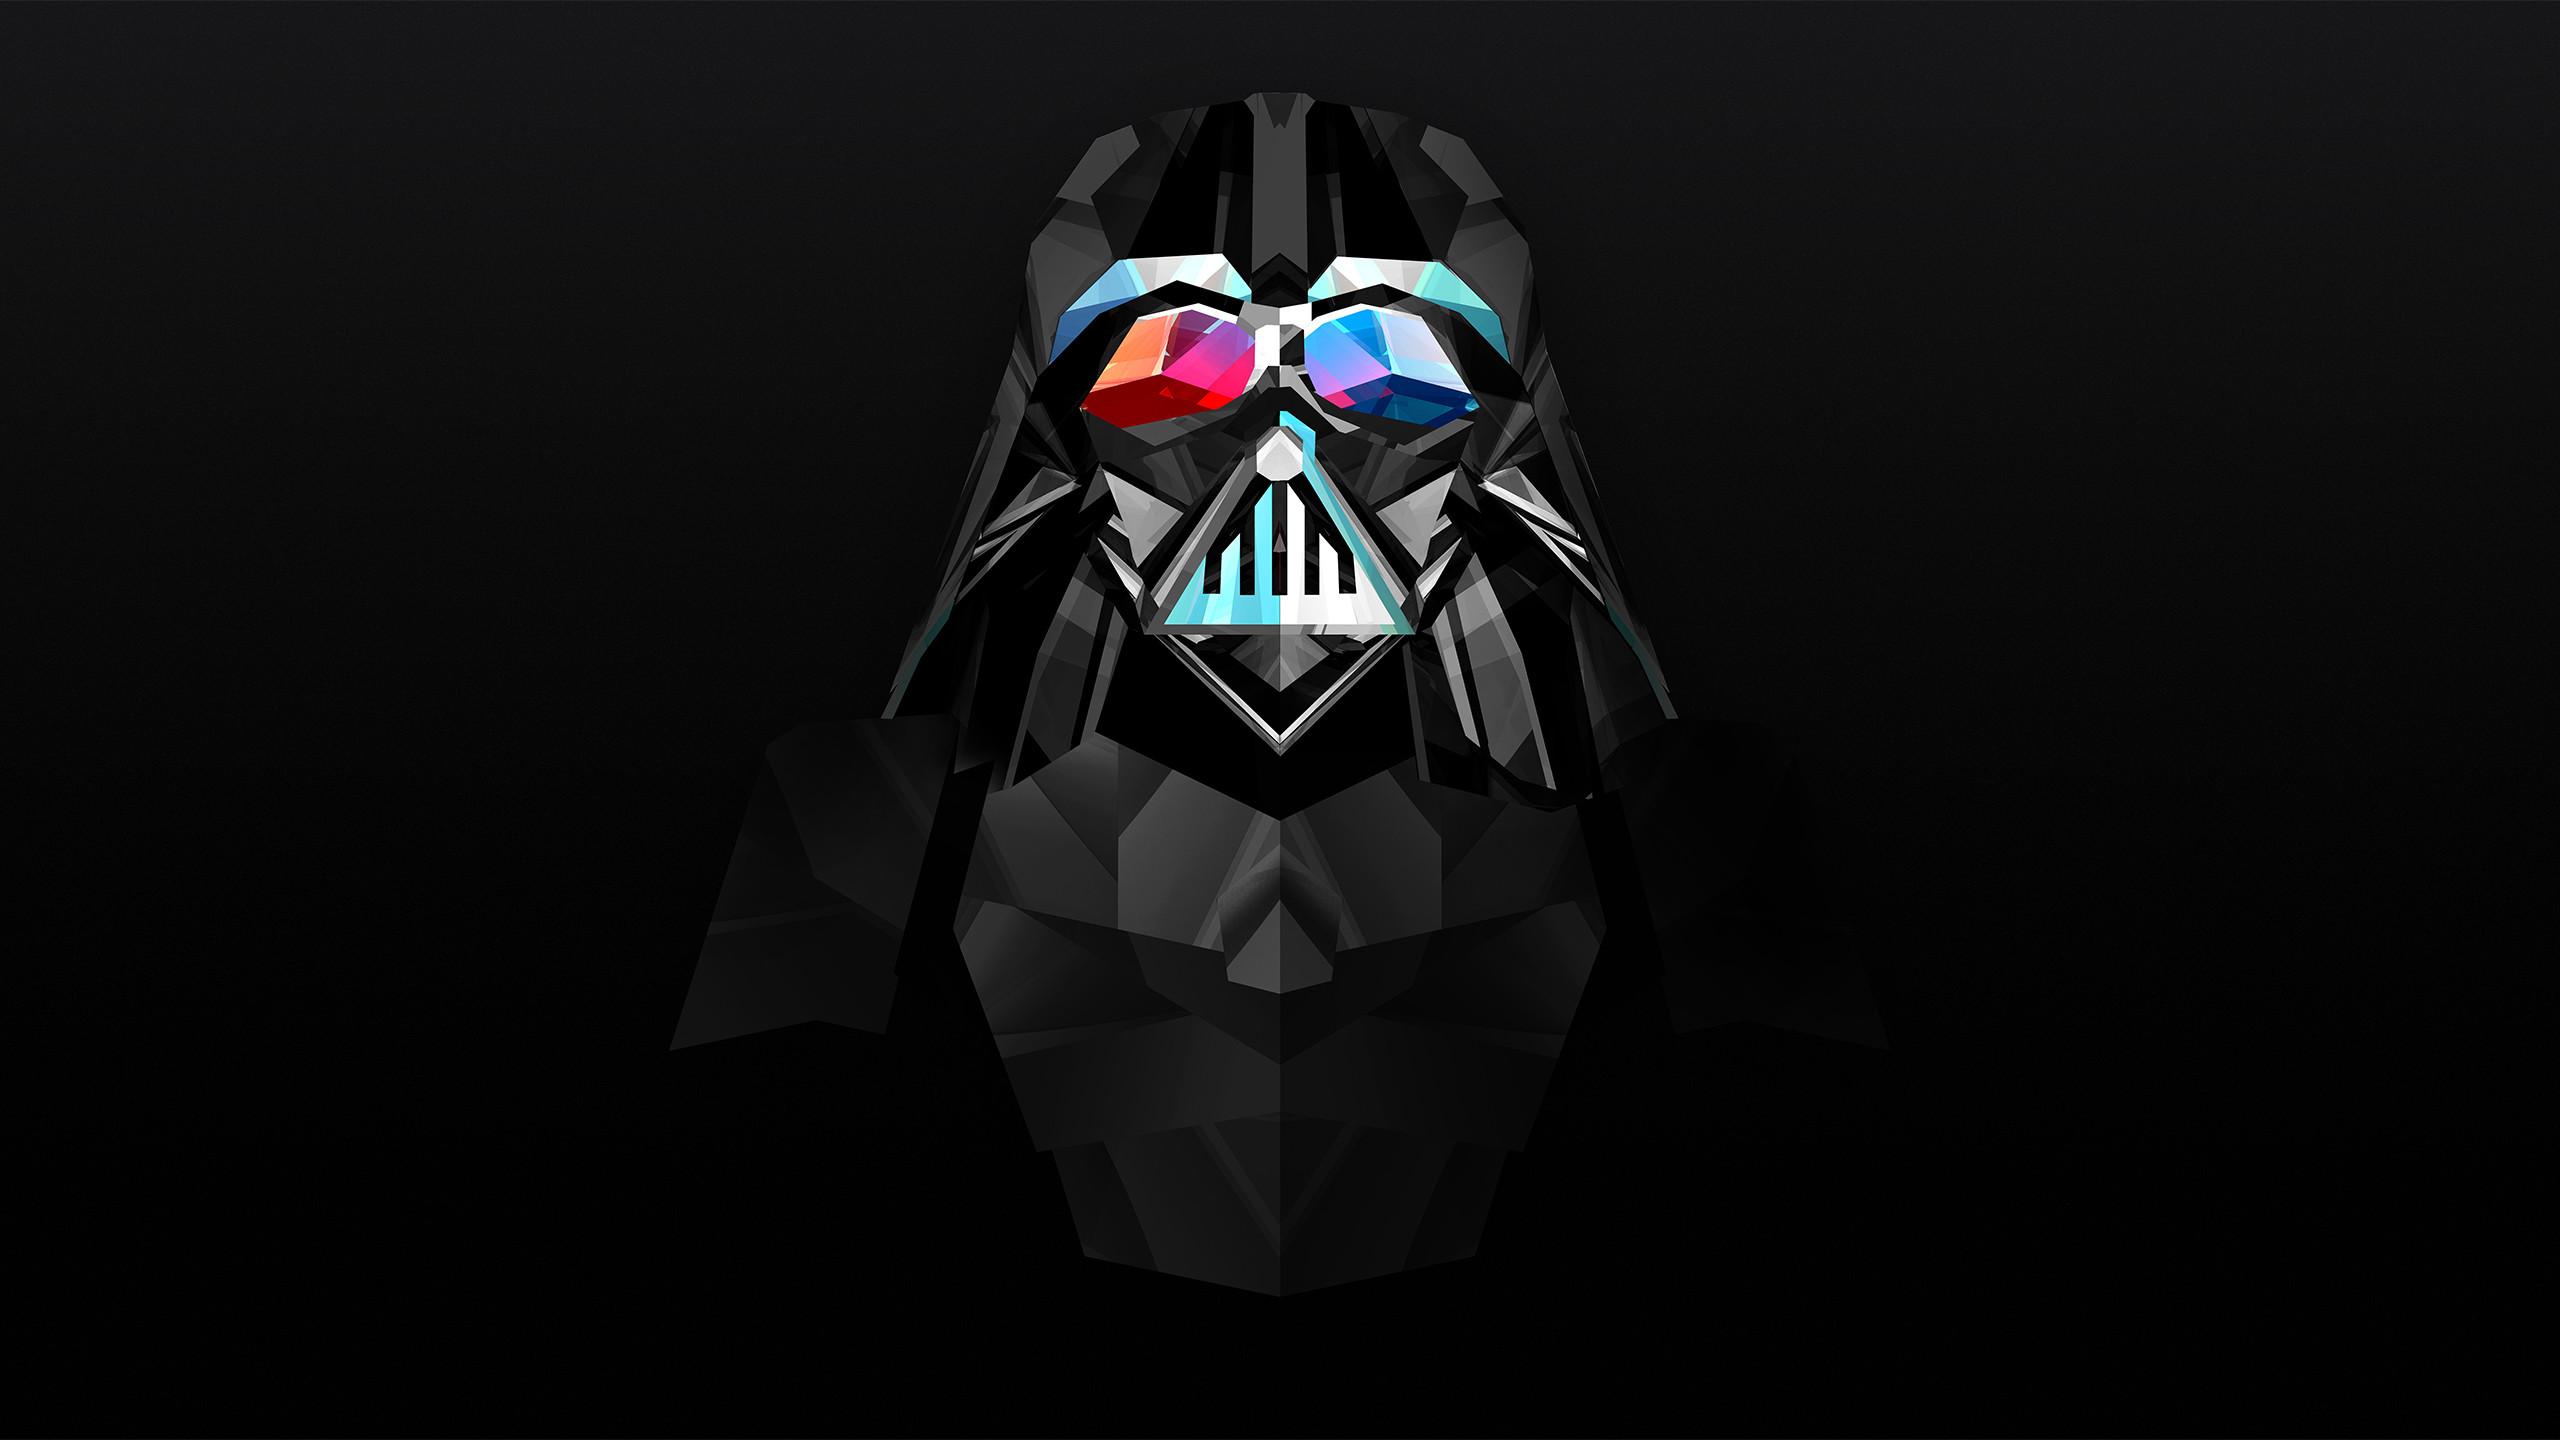 Dark_Lord-darth-vader-wallpaper